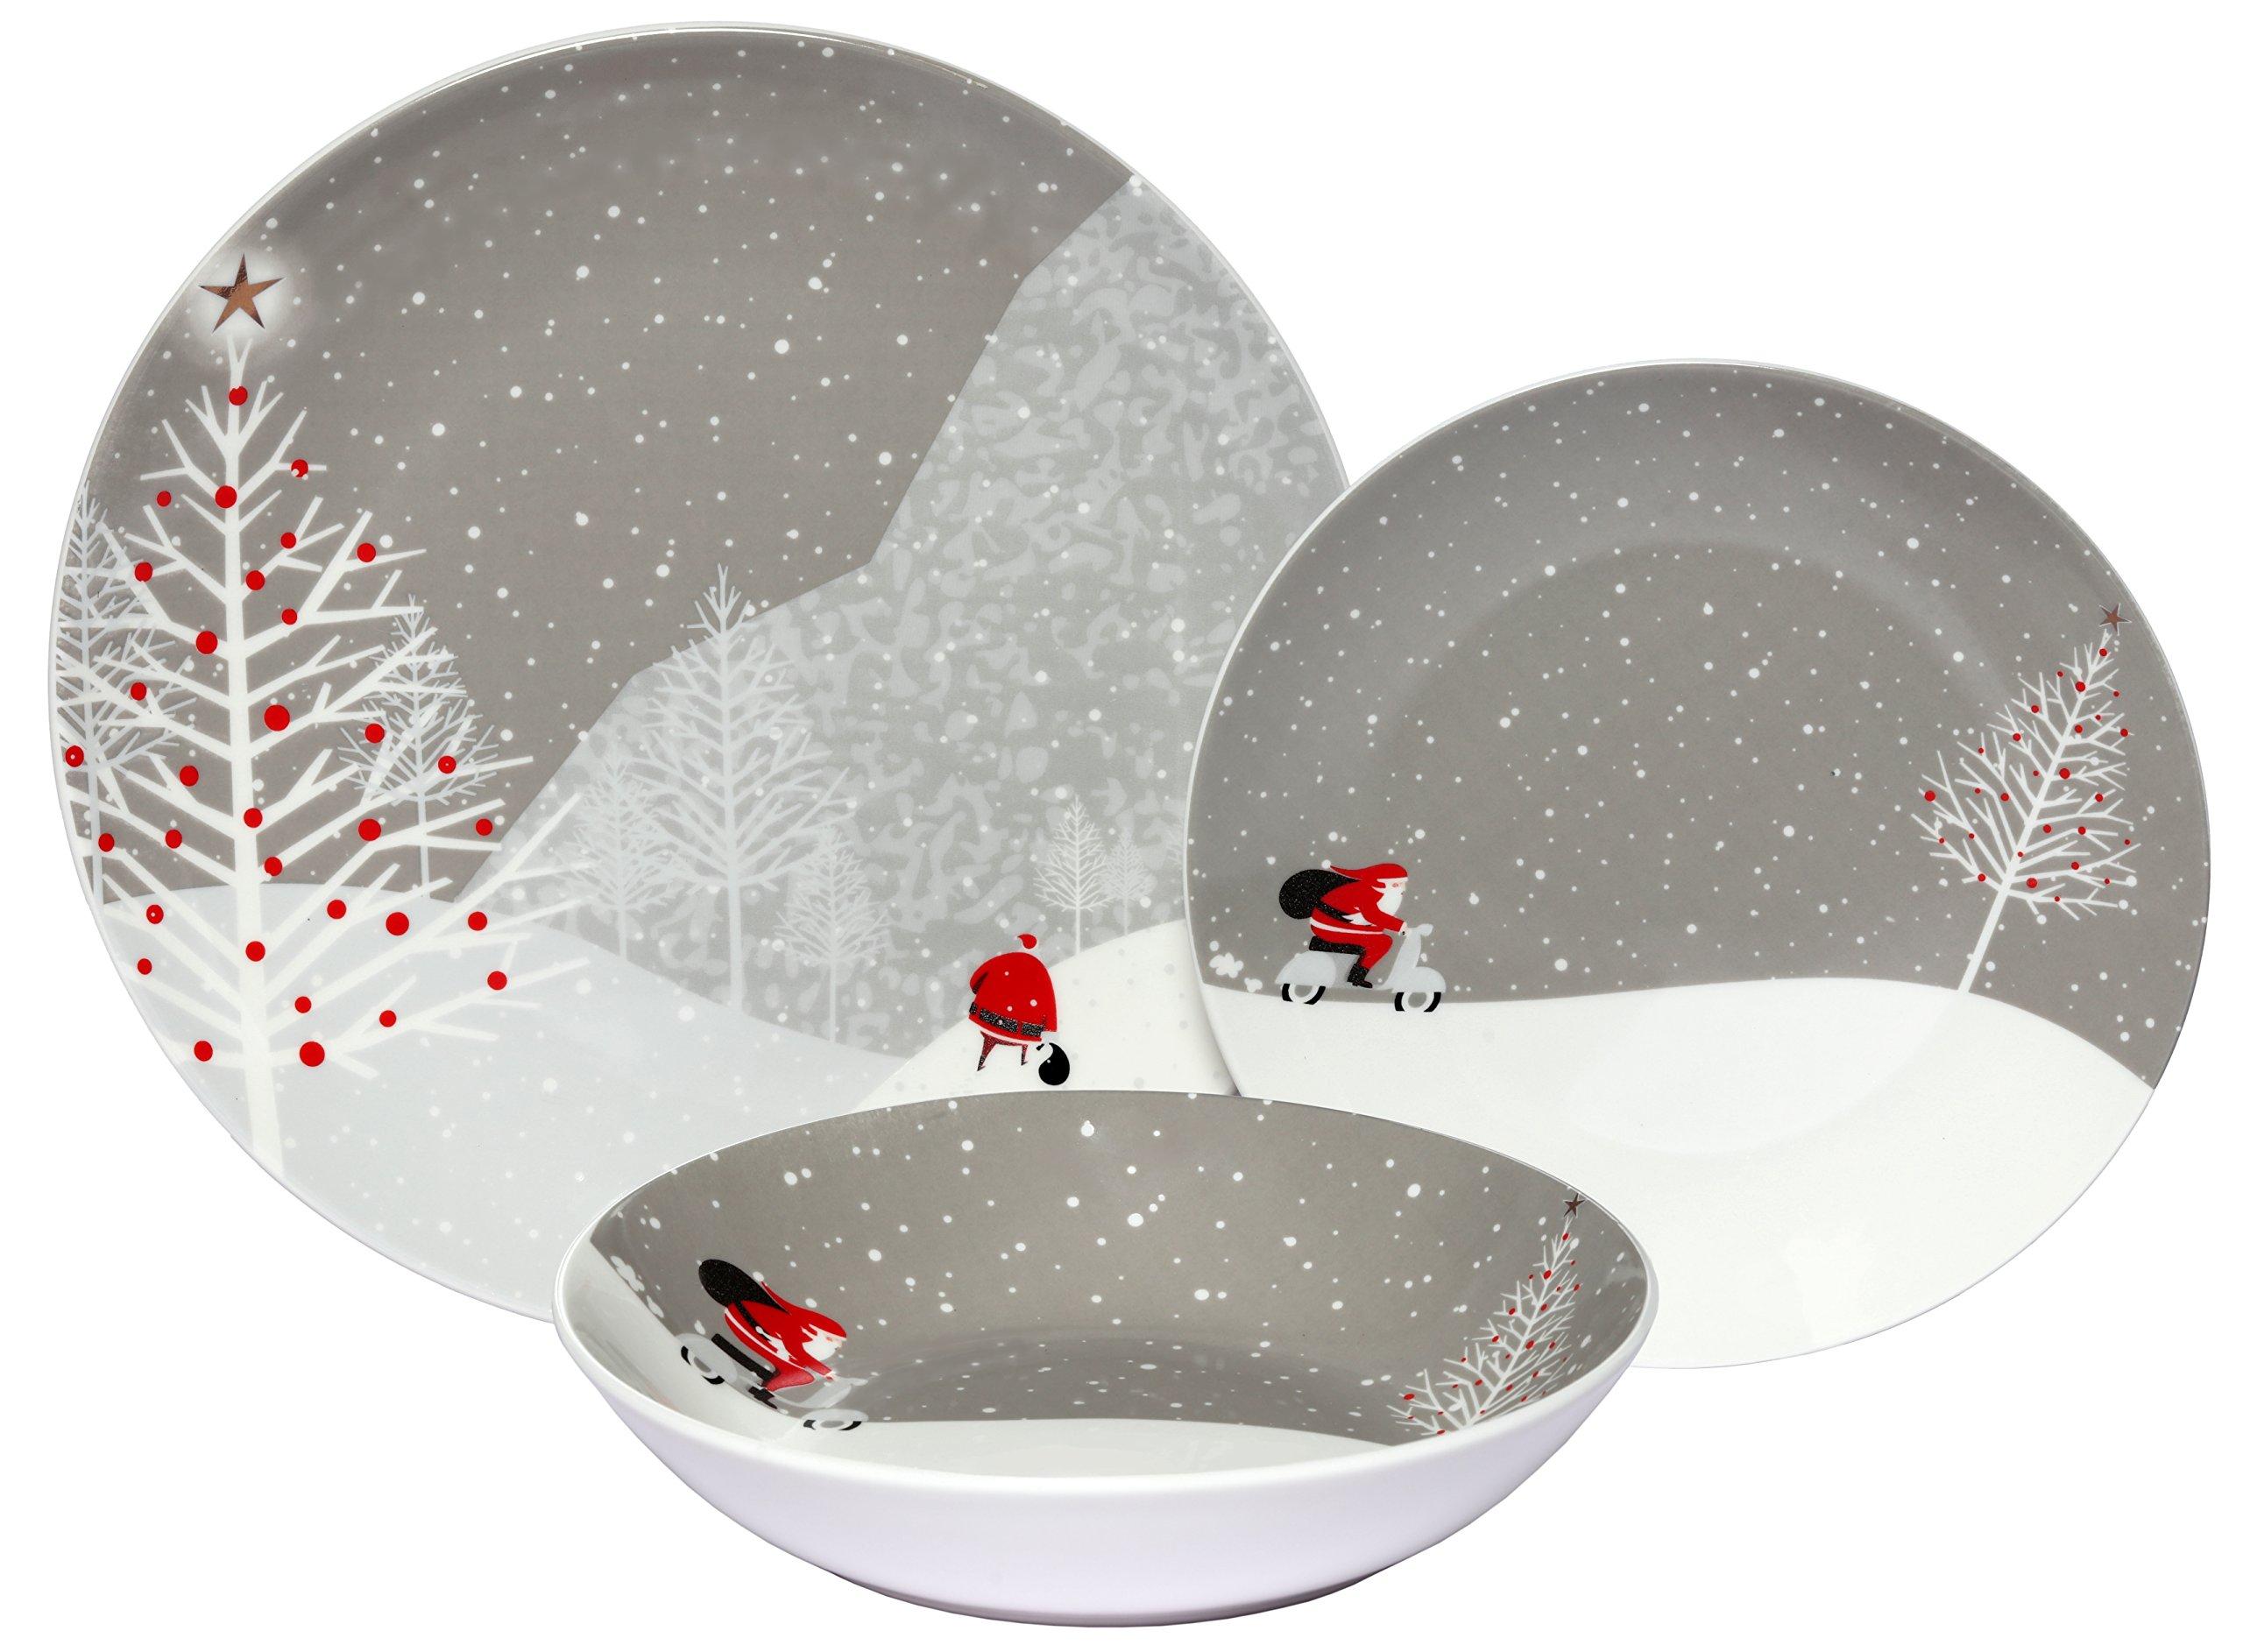 Melange Coupe 36-Piece Porcelain Dinnerware Set (Santa Comes Home) | Service for 12 | Microwave, Dishwasher & Oven Safe | Dinner Plate, Salad Plate & Soup Bowl (12 Each) by Melange